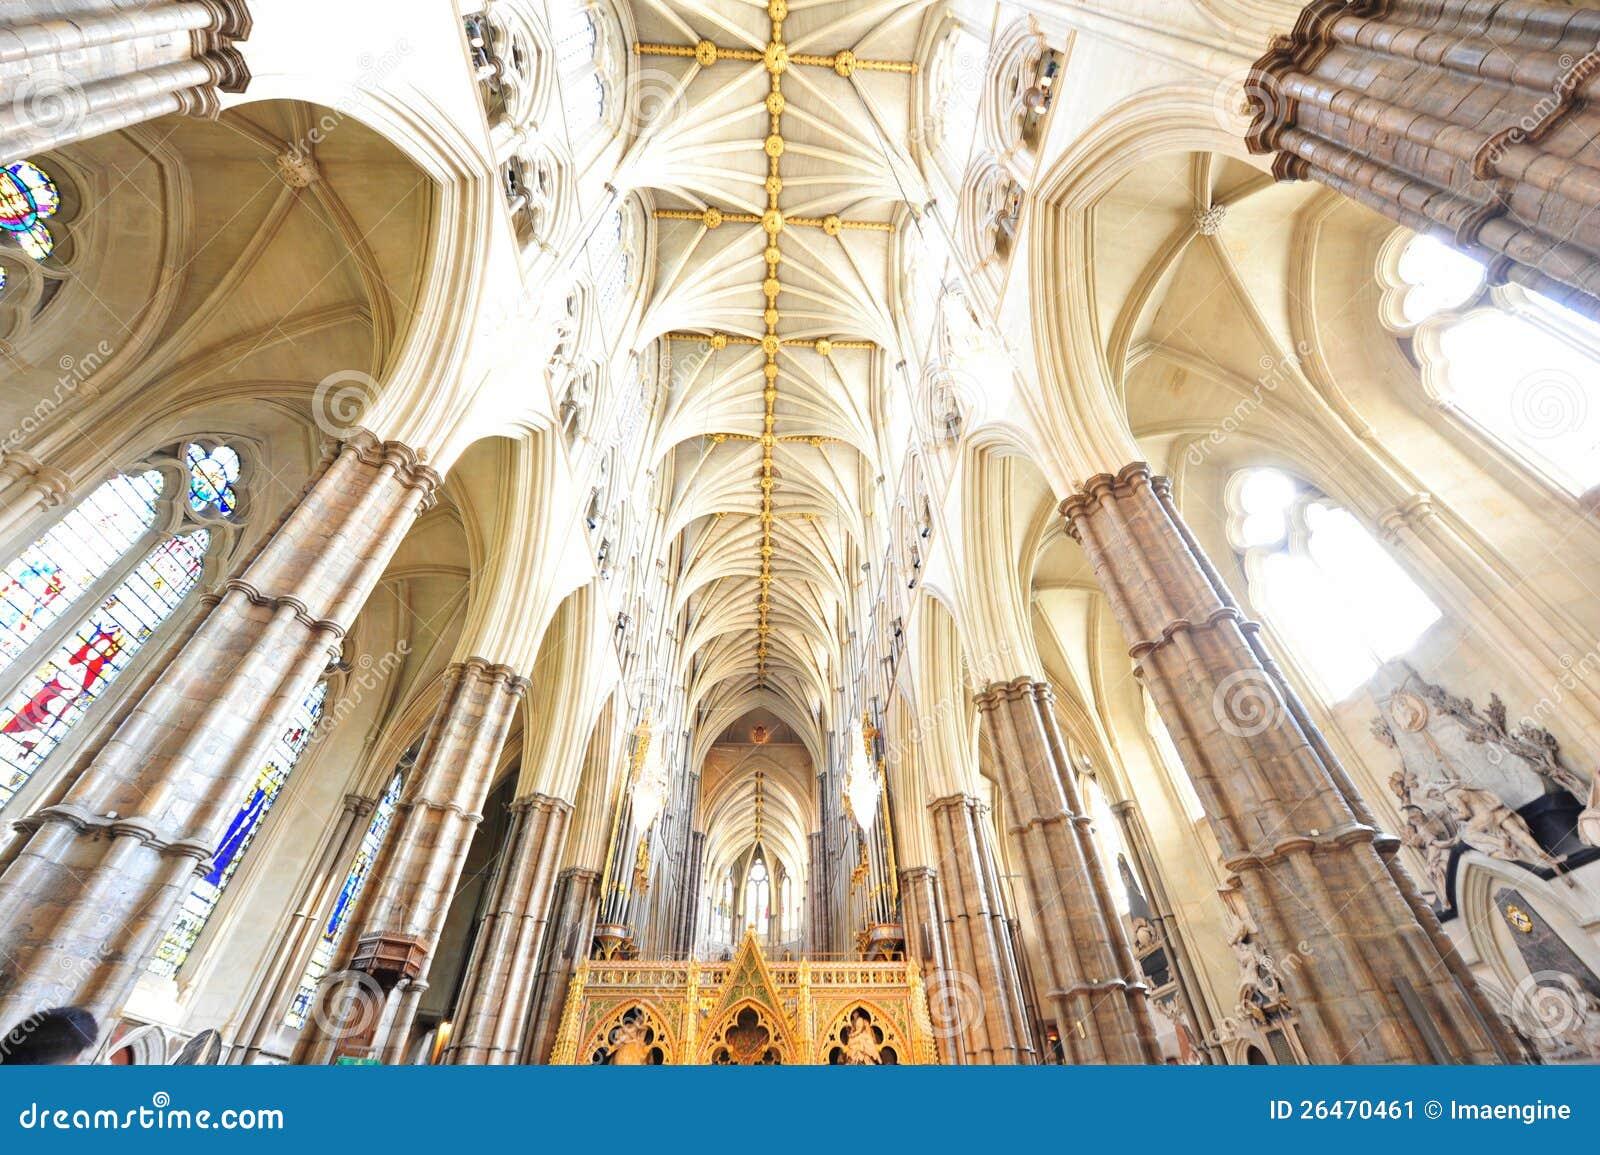 Detalhes góticos interiores da abadia de Westminster